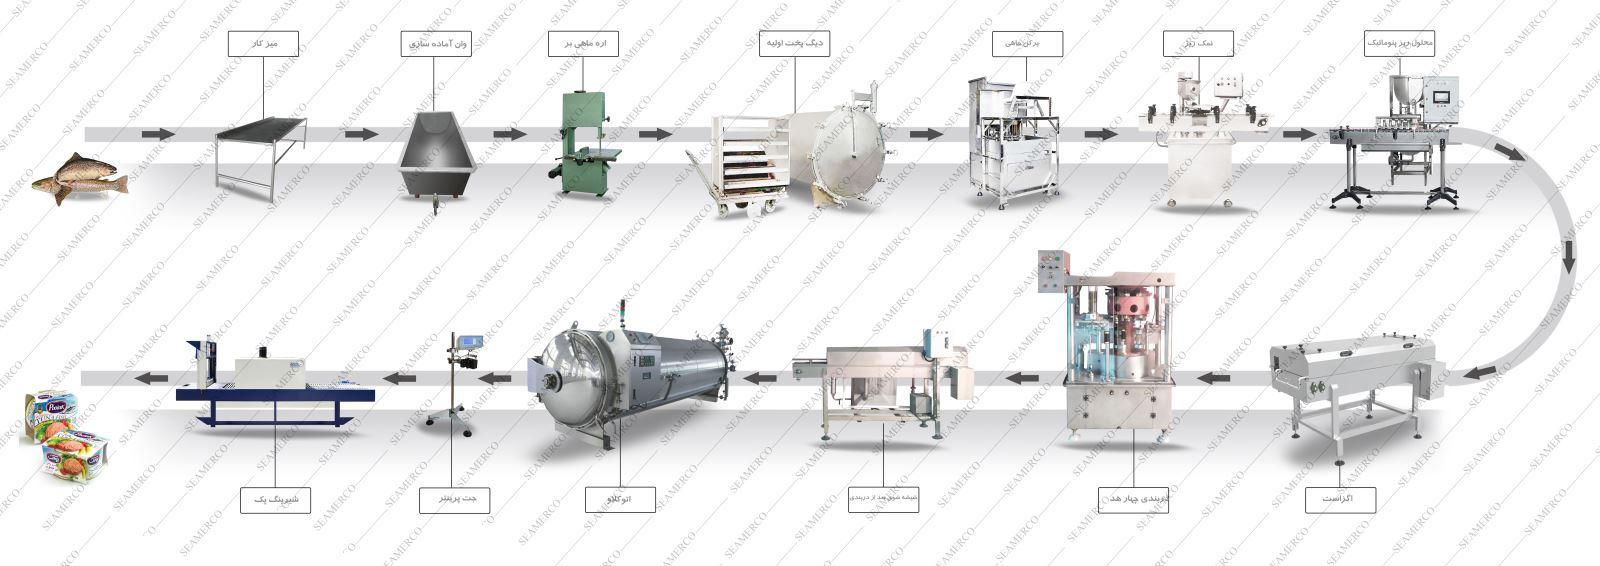 قیمت خط تولید تن ماهی-نحوه تولید کنسرو ماهی-کارخانه تن ماهی-فرایند تولید کنسرو ماهی تن